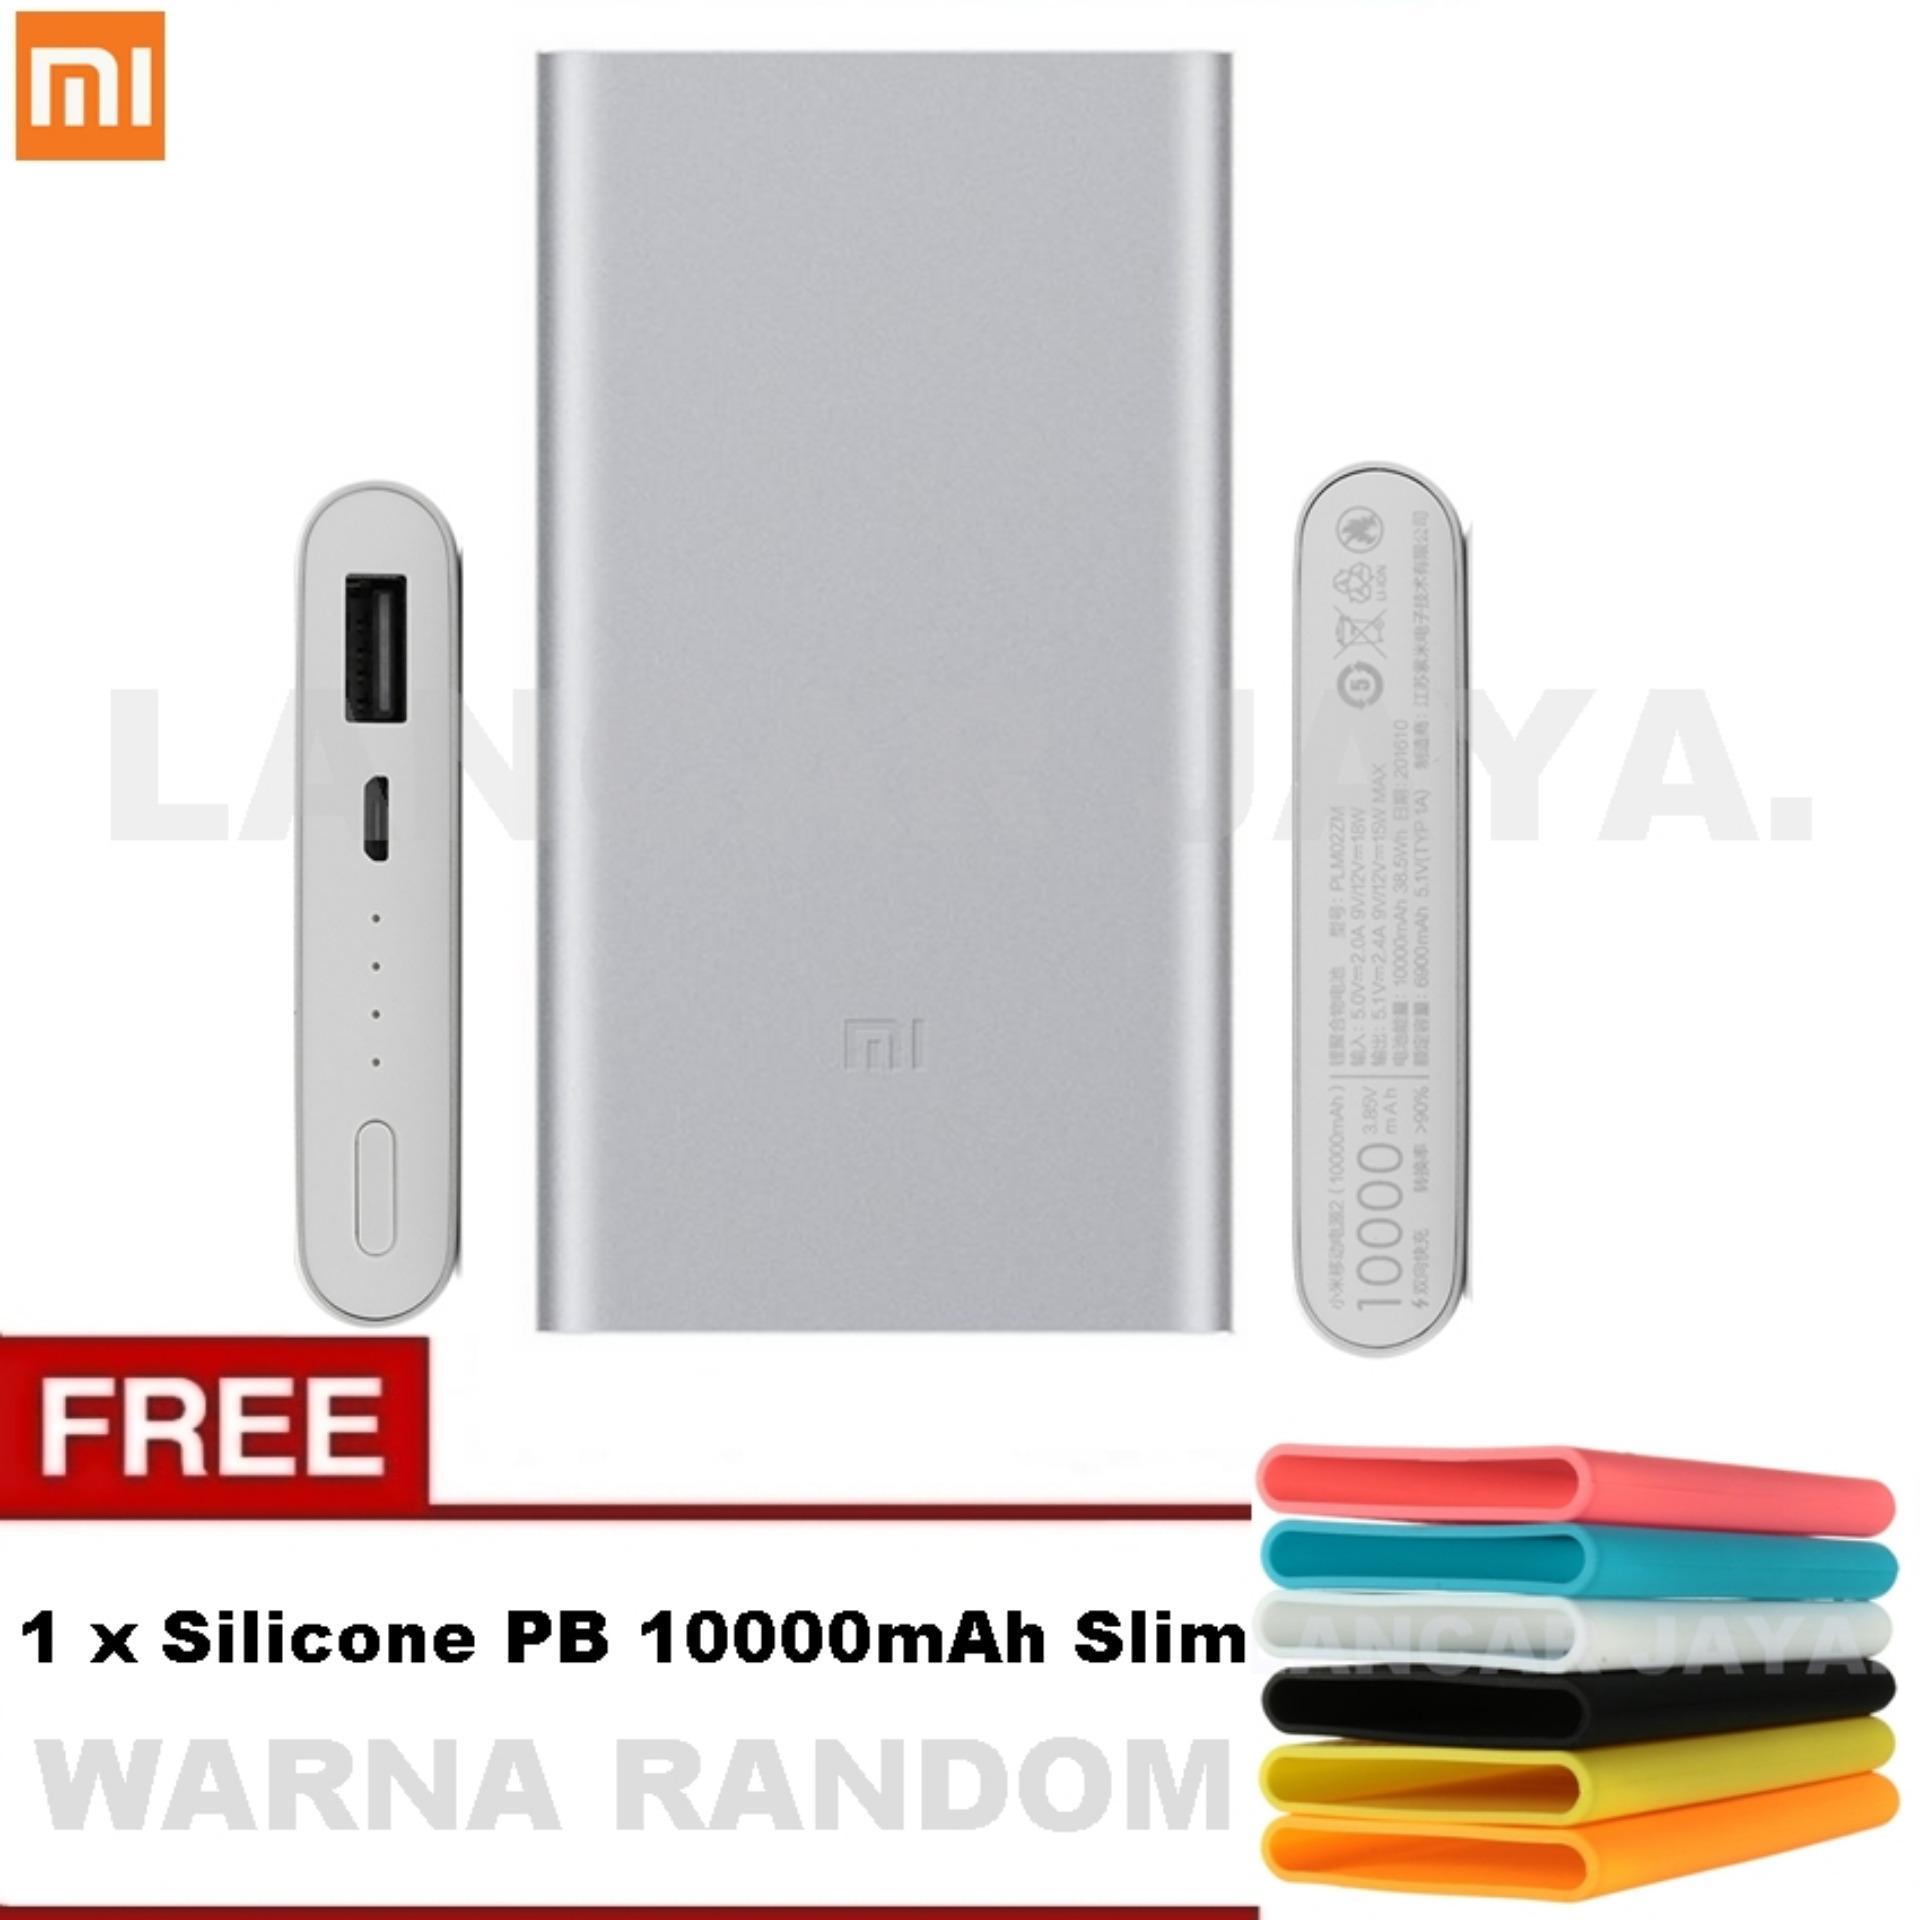 Powerbank Xiaomi Mi 99000mah Slim Stainless